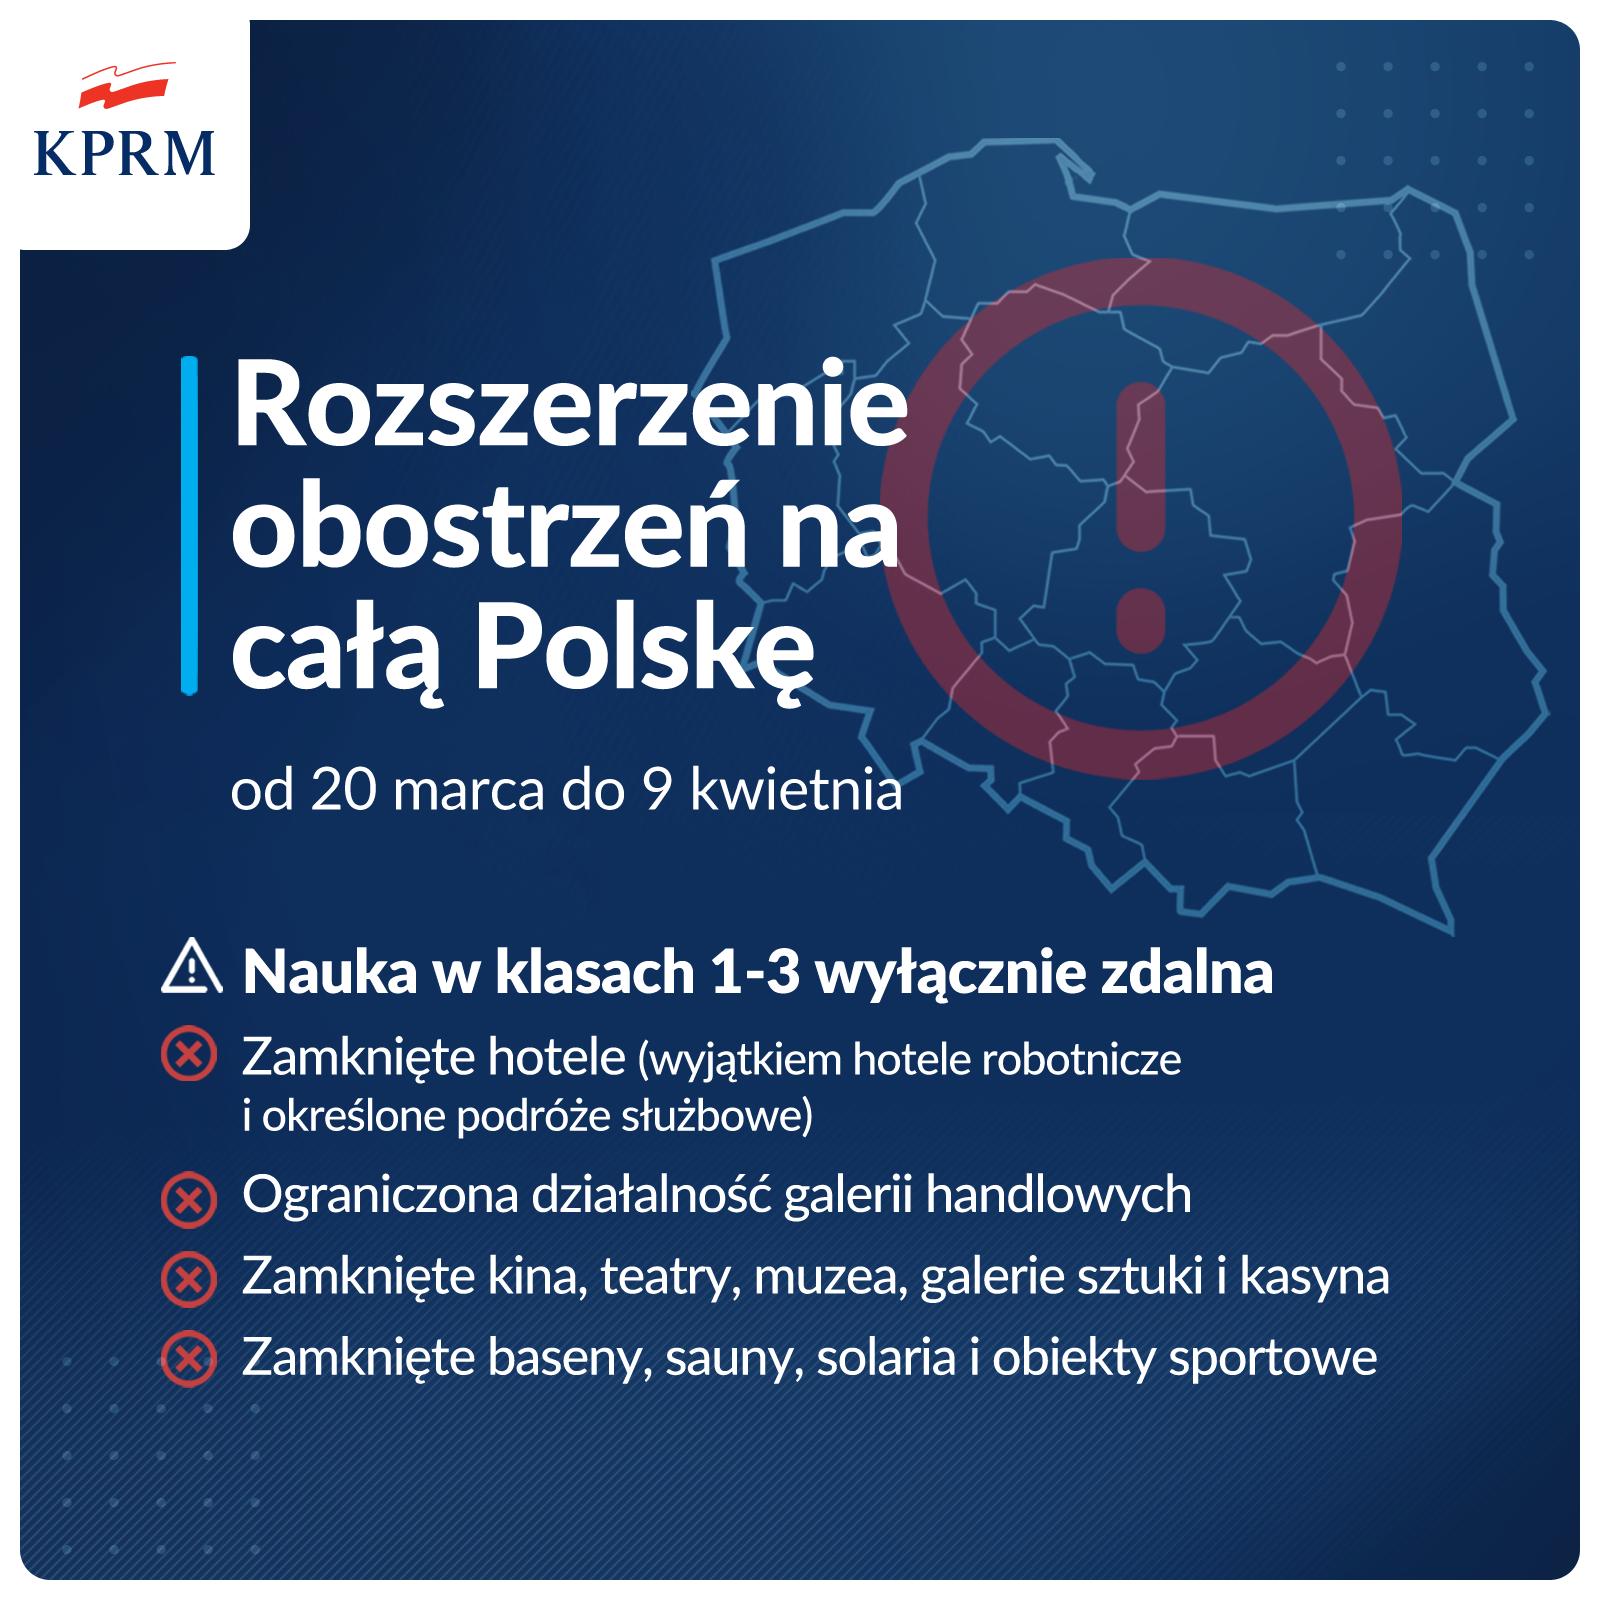 Ilustracja. Od 20 marca rozszerzamy zasady bezpieczeństwa na całą Polskę. Nauka w klasach 1-3 wyłącznie zdalna. Zamknięte hotele. Ograniczona działalność galerii handlowych. Zamknięte instytucje kultury. Zamknięte obiekty sportowe.